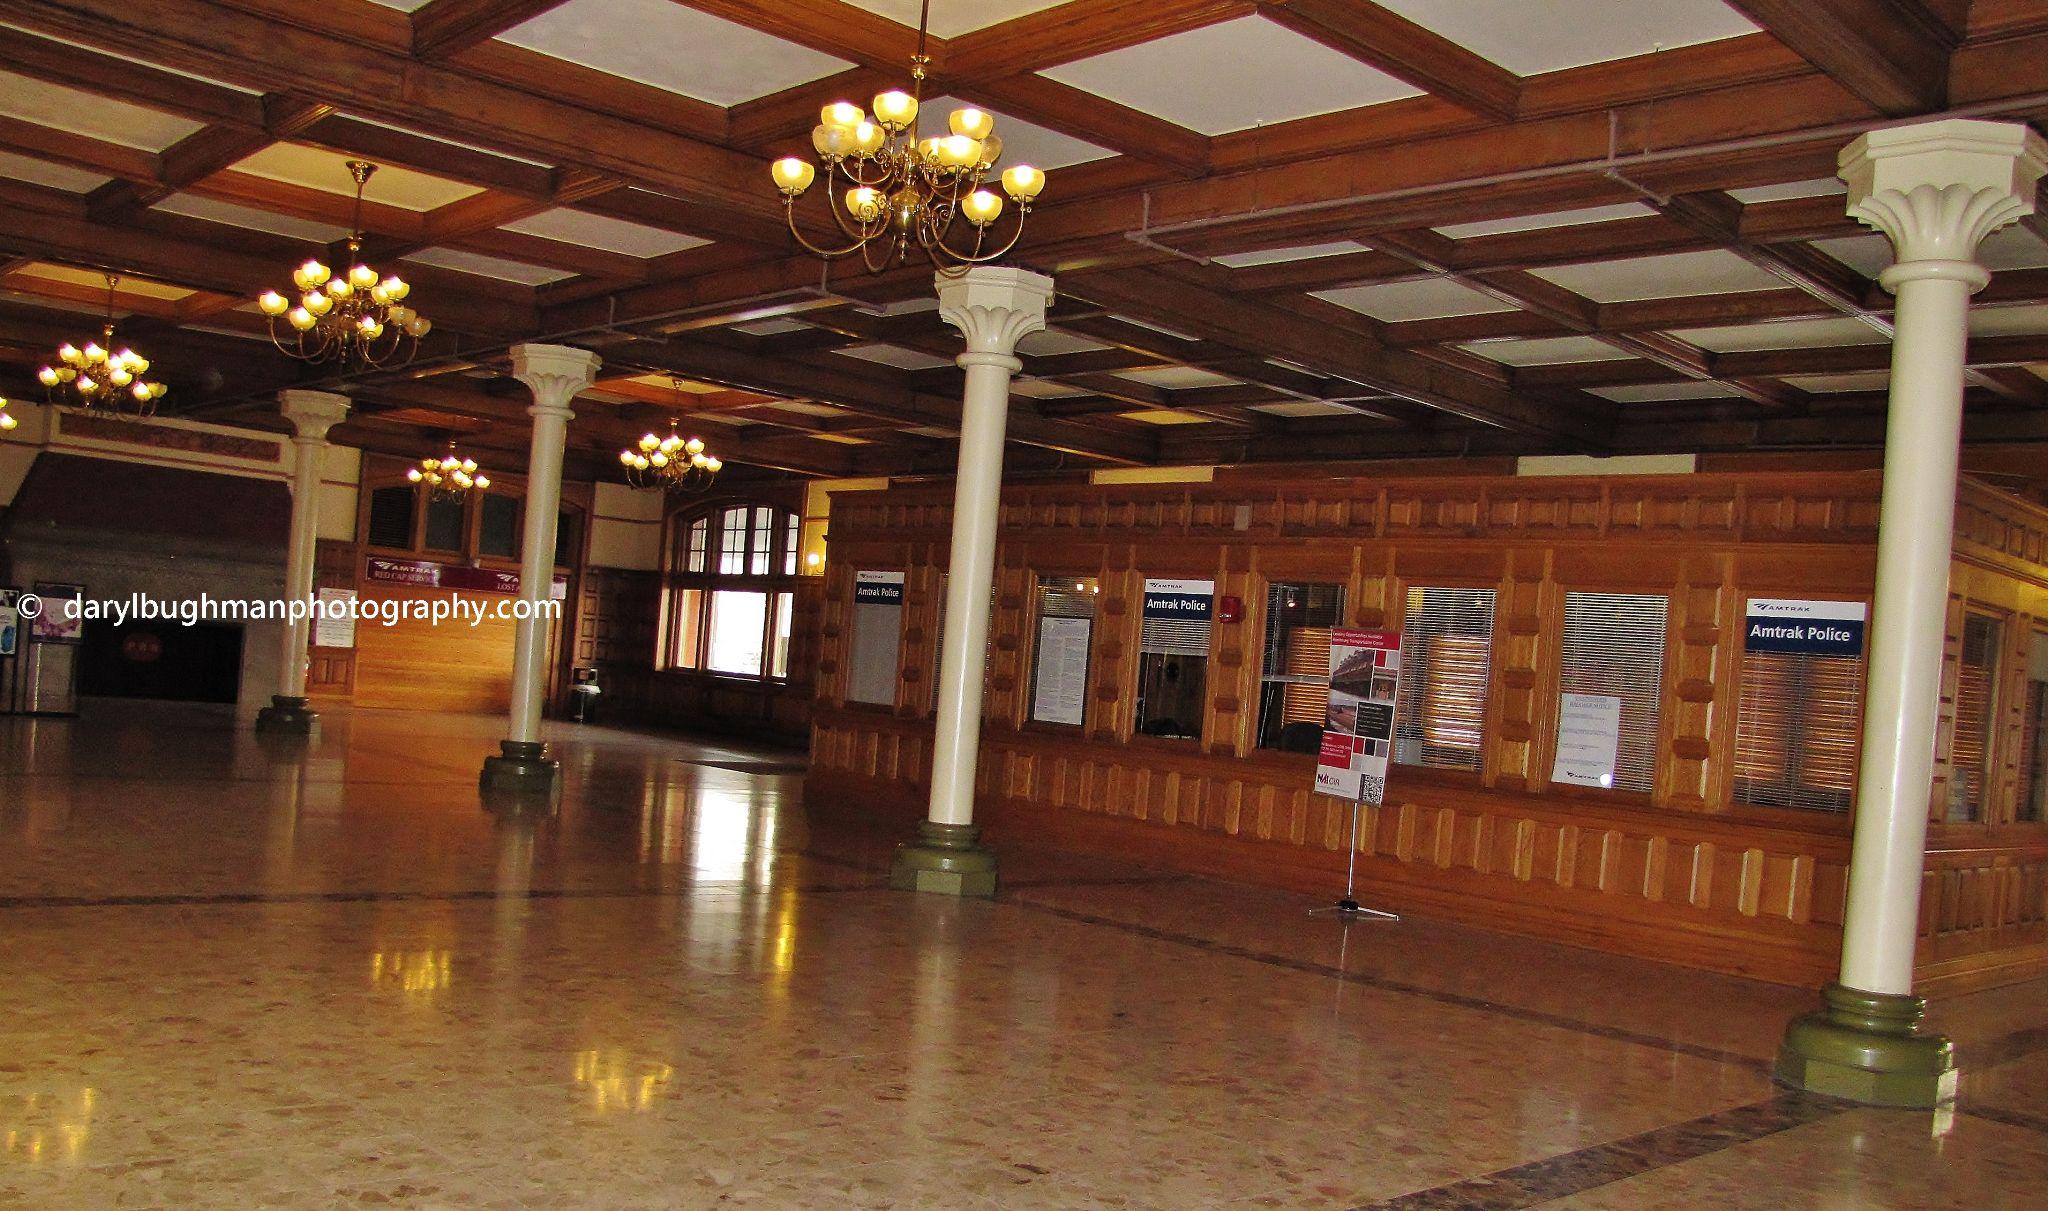 train station by daryl.bughman